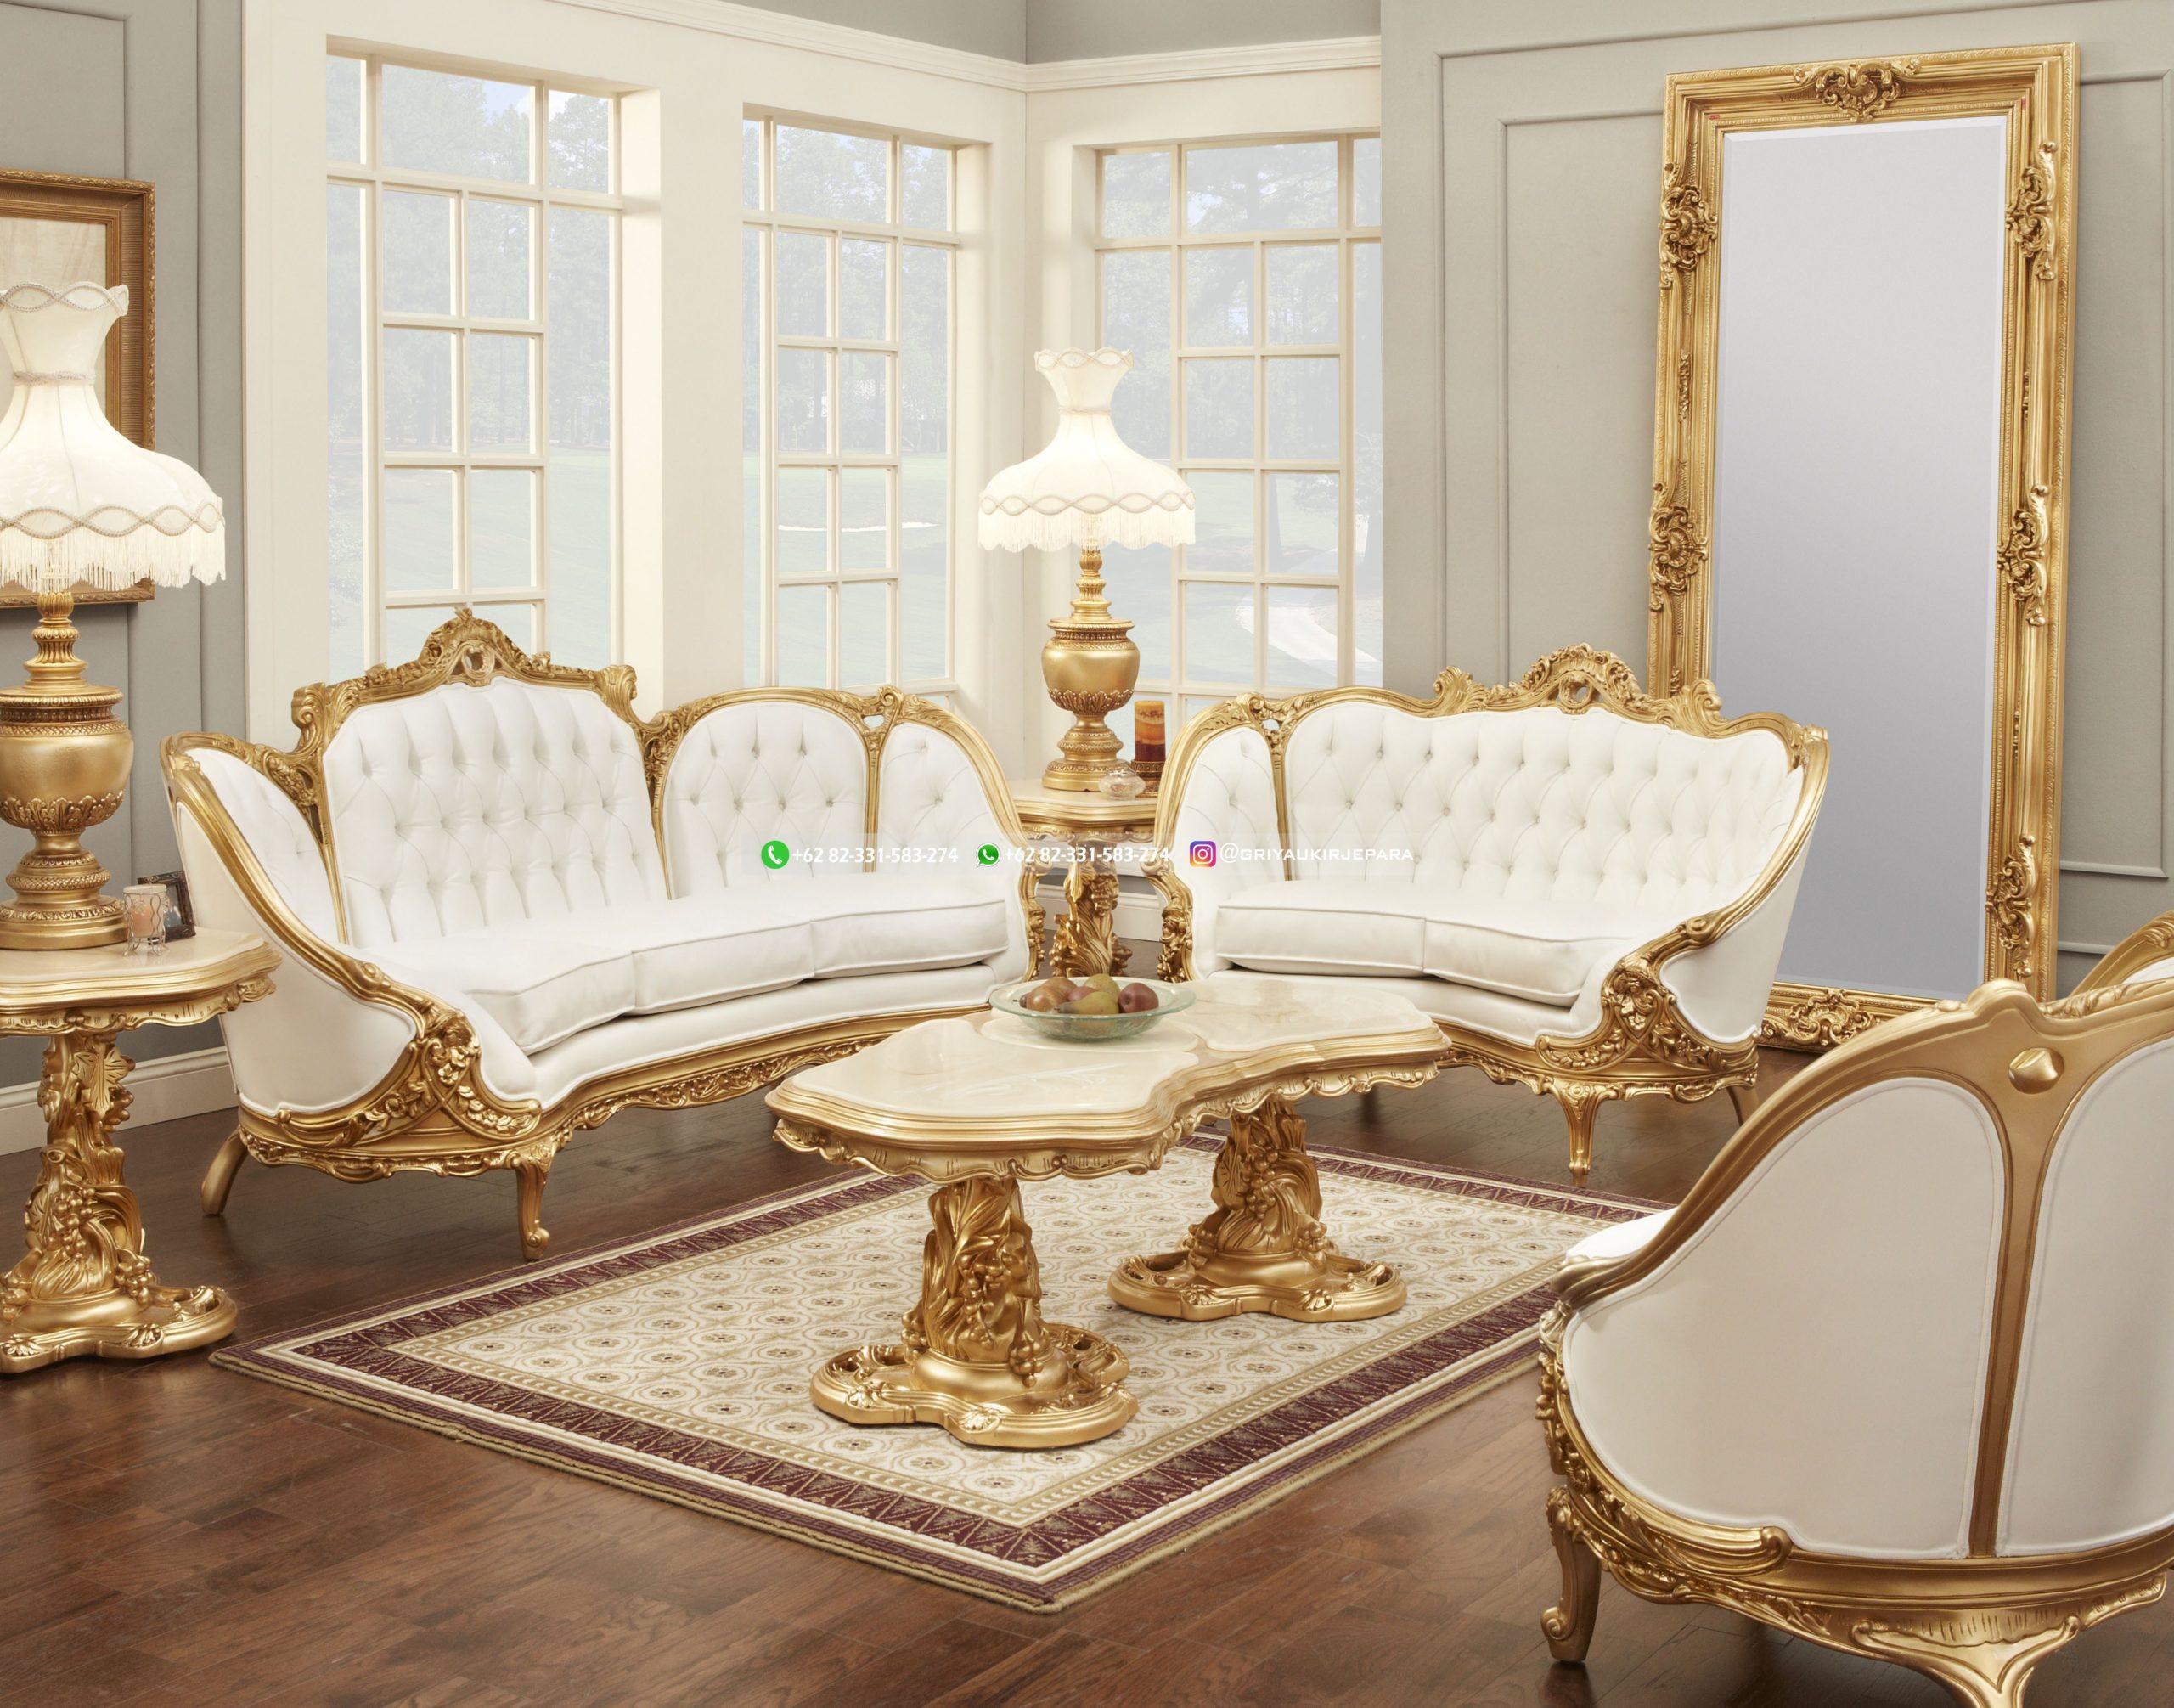 sofa ruang tamu jati mewah griya ukir jepara 59 scaled - sofa ruang tamu jati mewah griya ukir jepara (124)